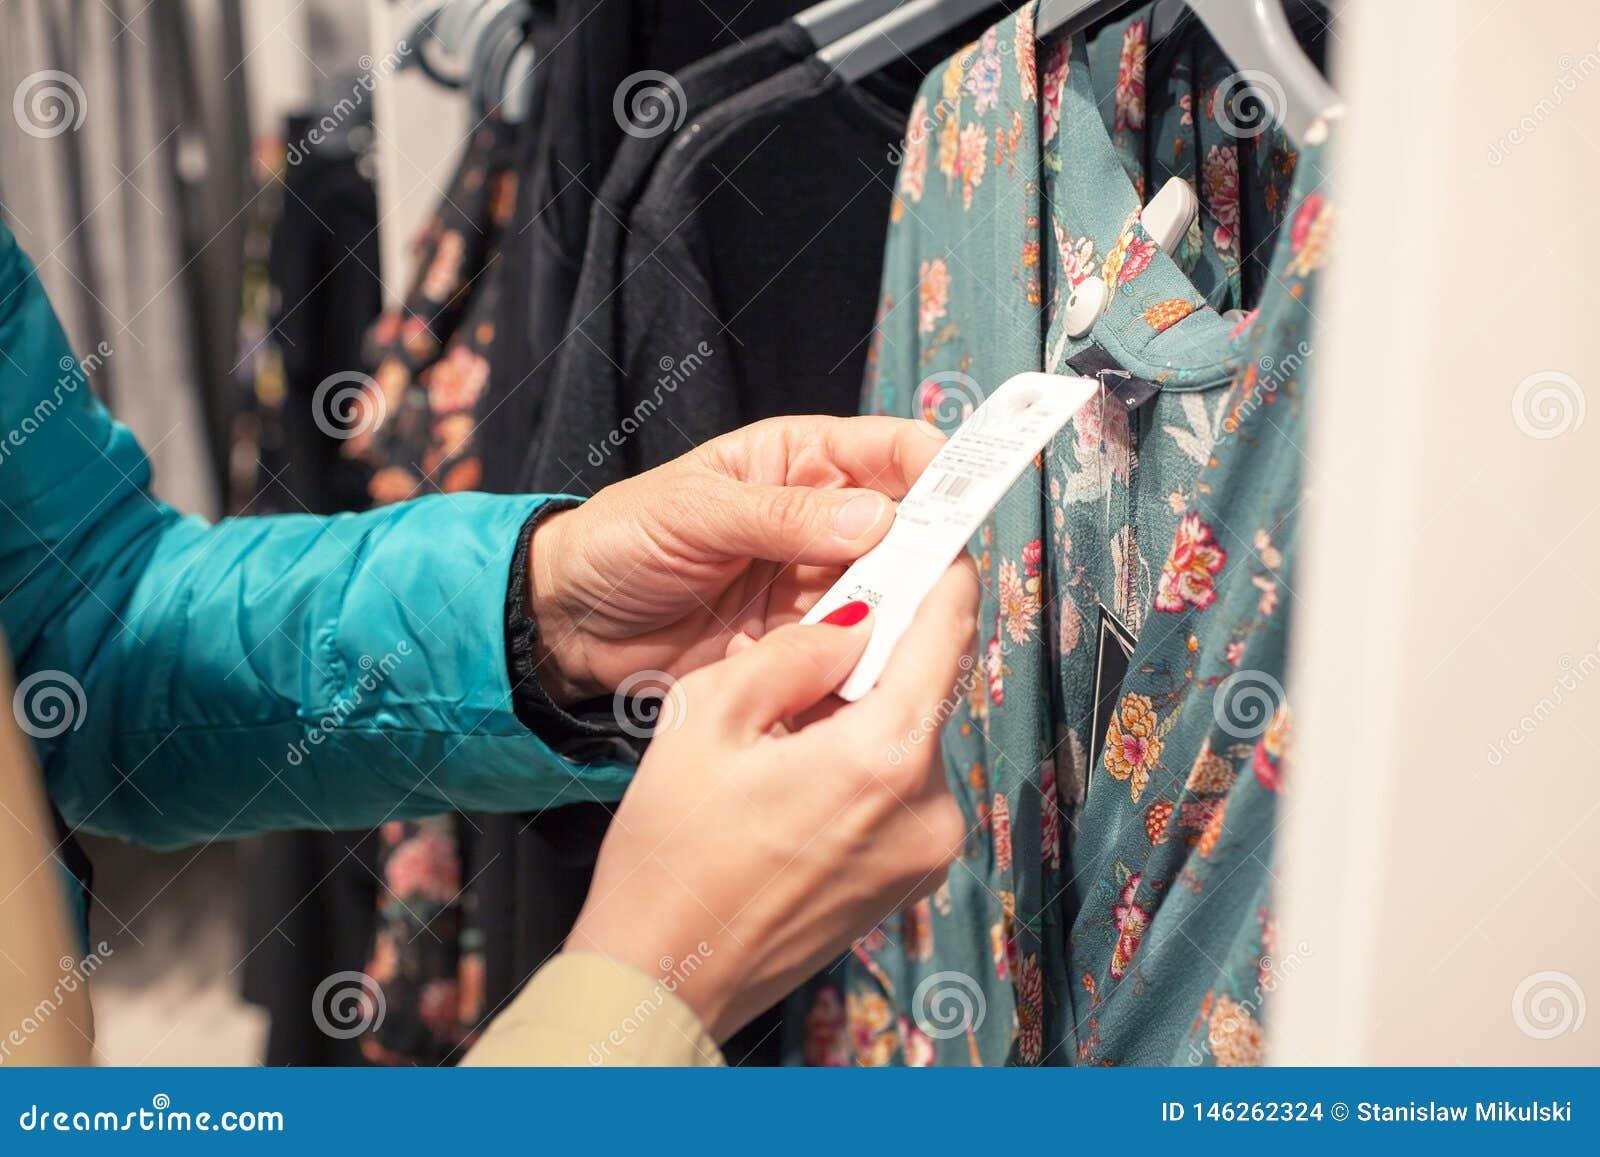 Kvinnor som shoppar på innegrejen, shoppar